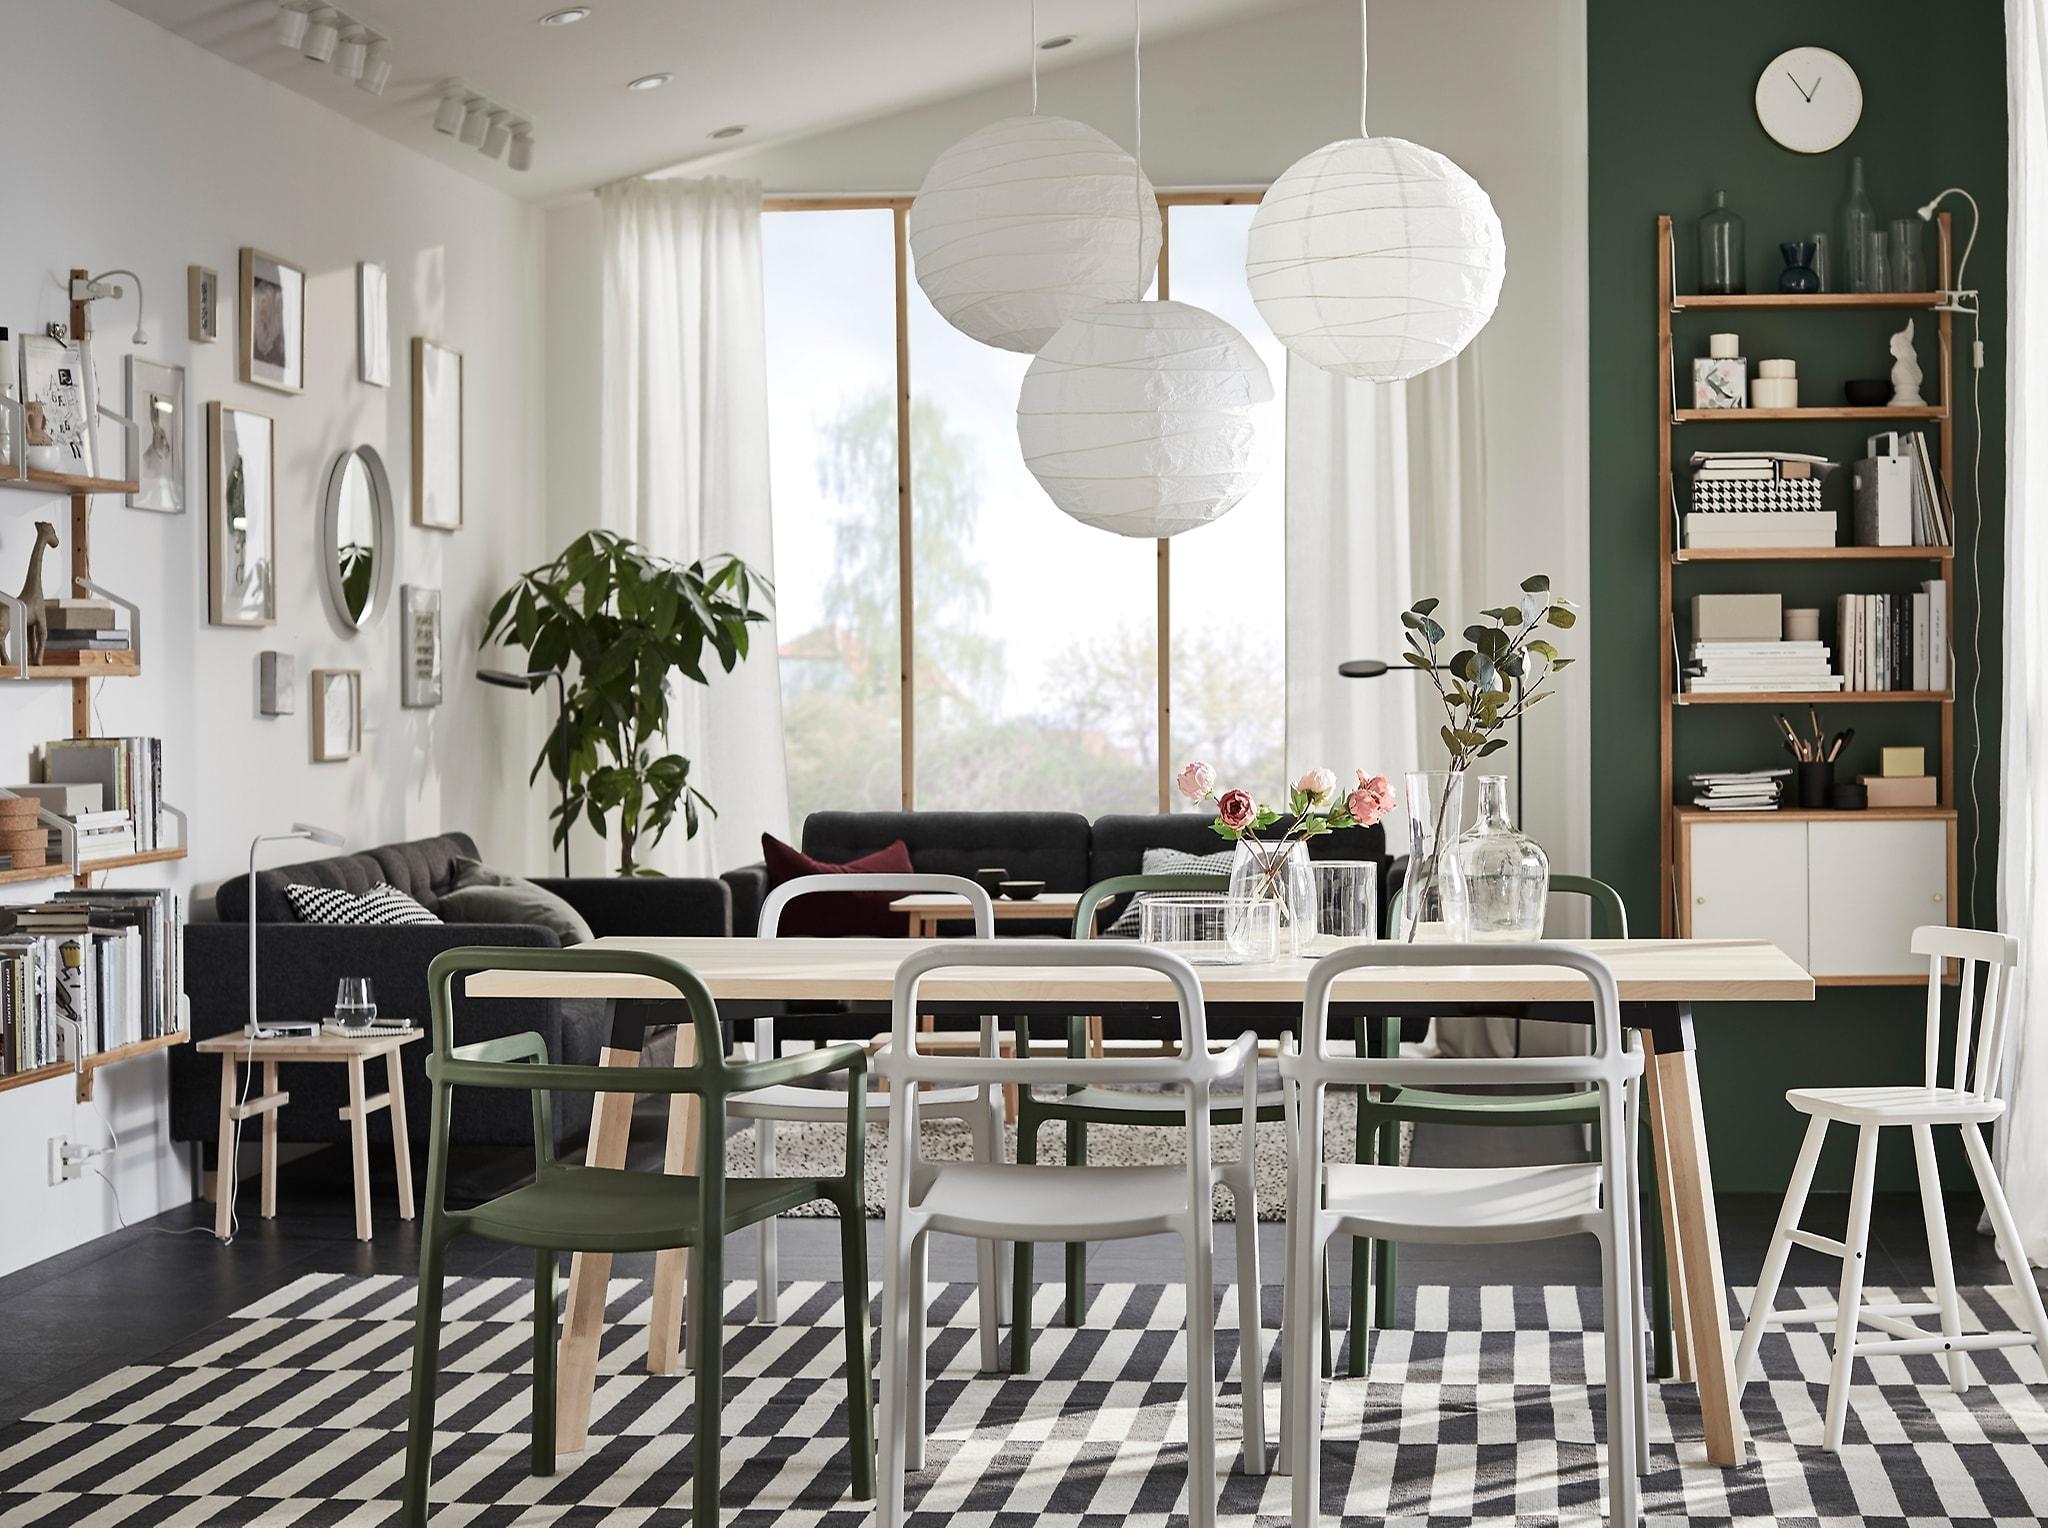 Ikea Muebles Comedor Ipdd Muebles De Edor Pra Online Ikea